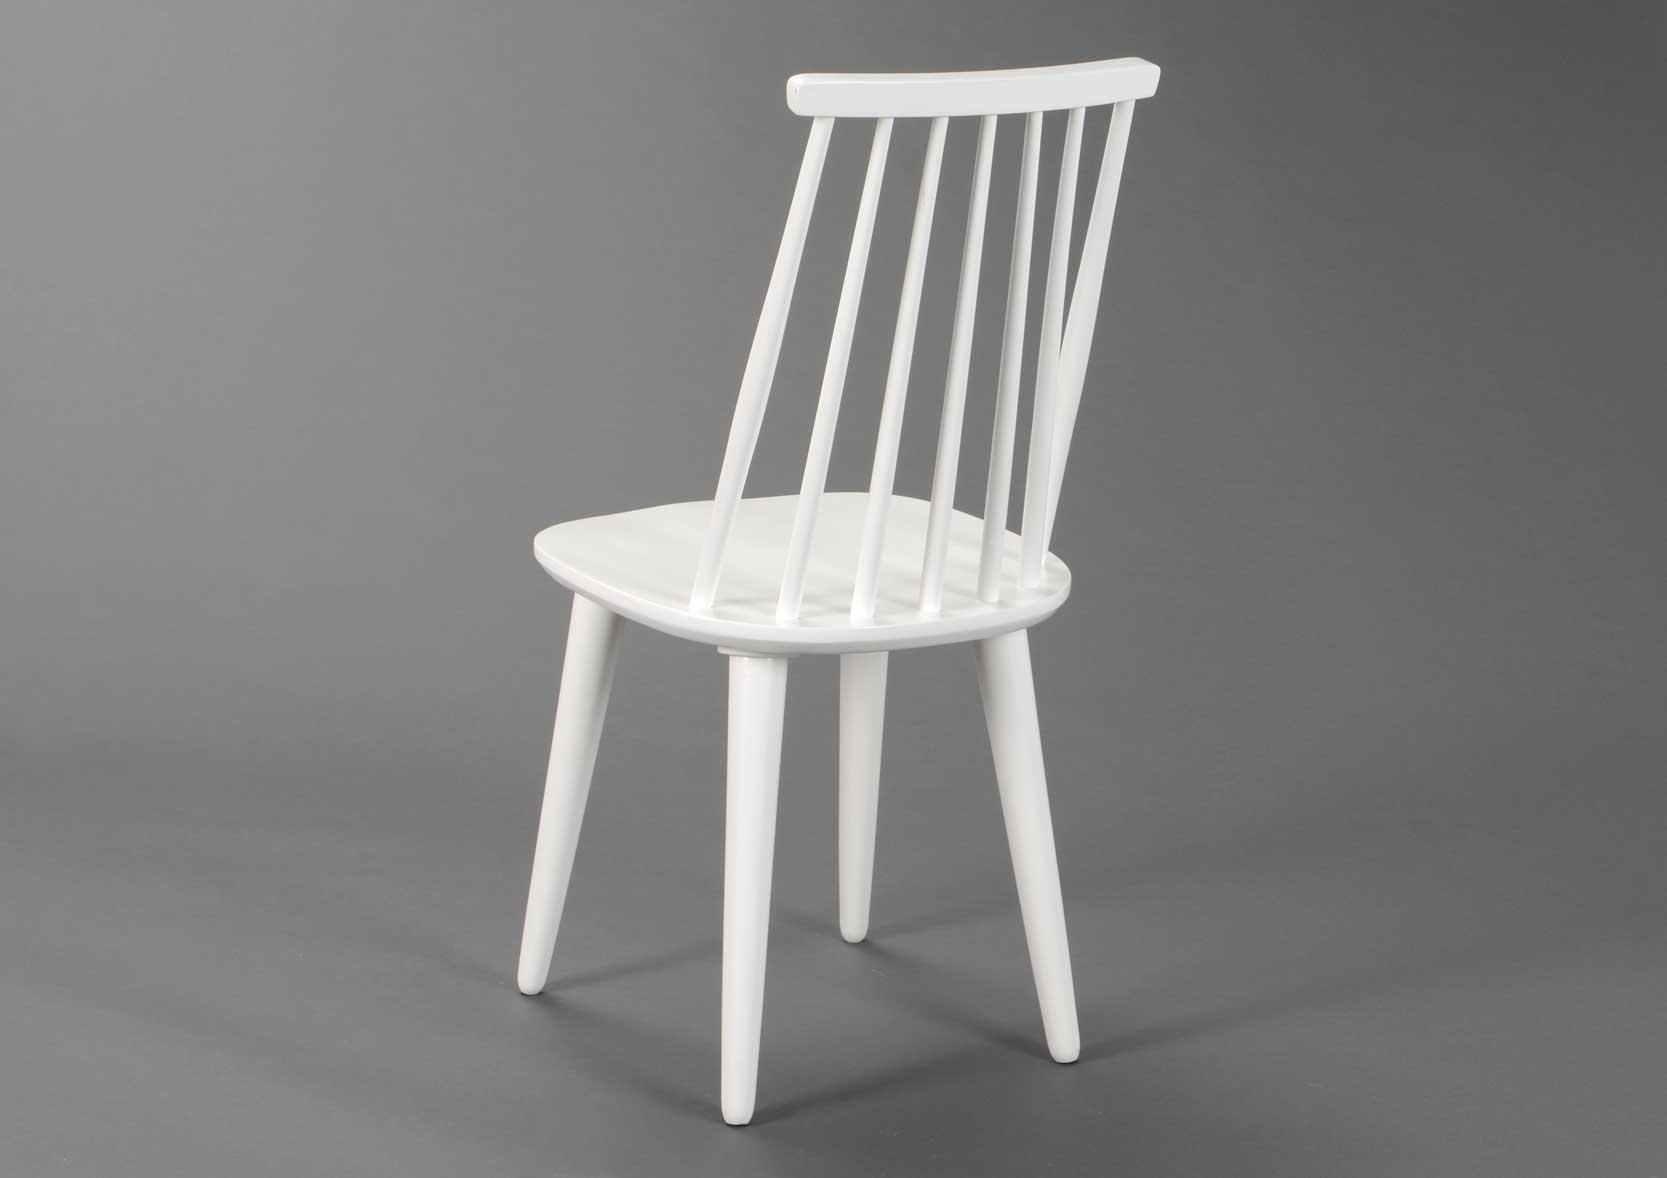 Silla blanca en madera pintada de paliller a for Silla blanca patas madera ikea